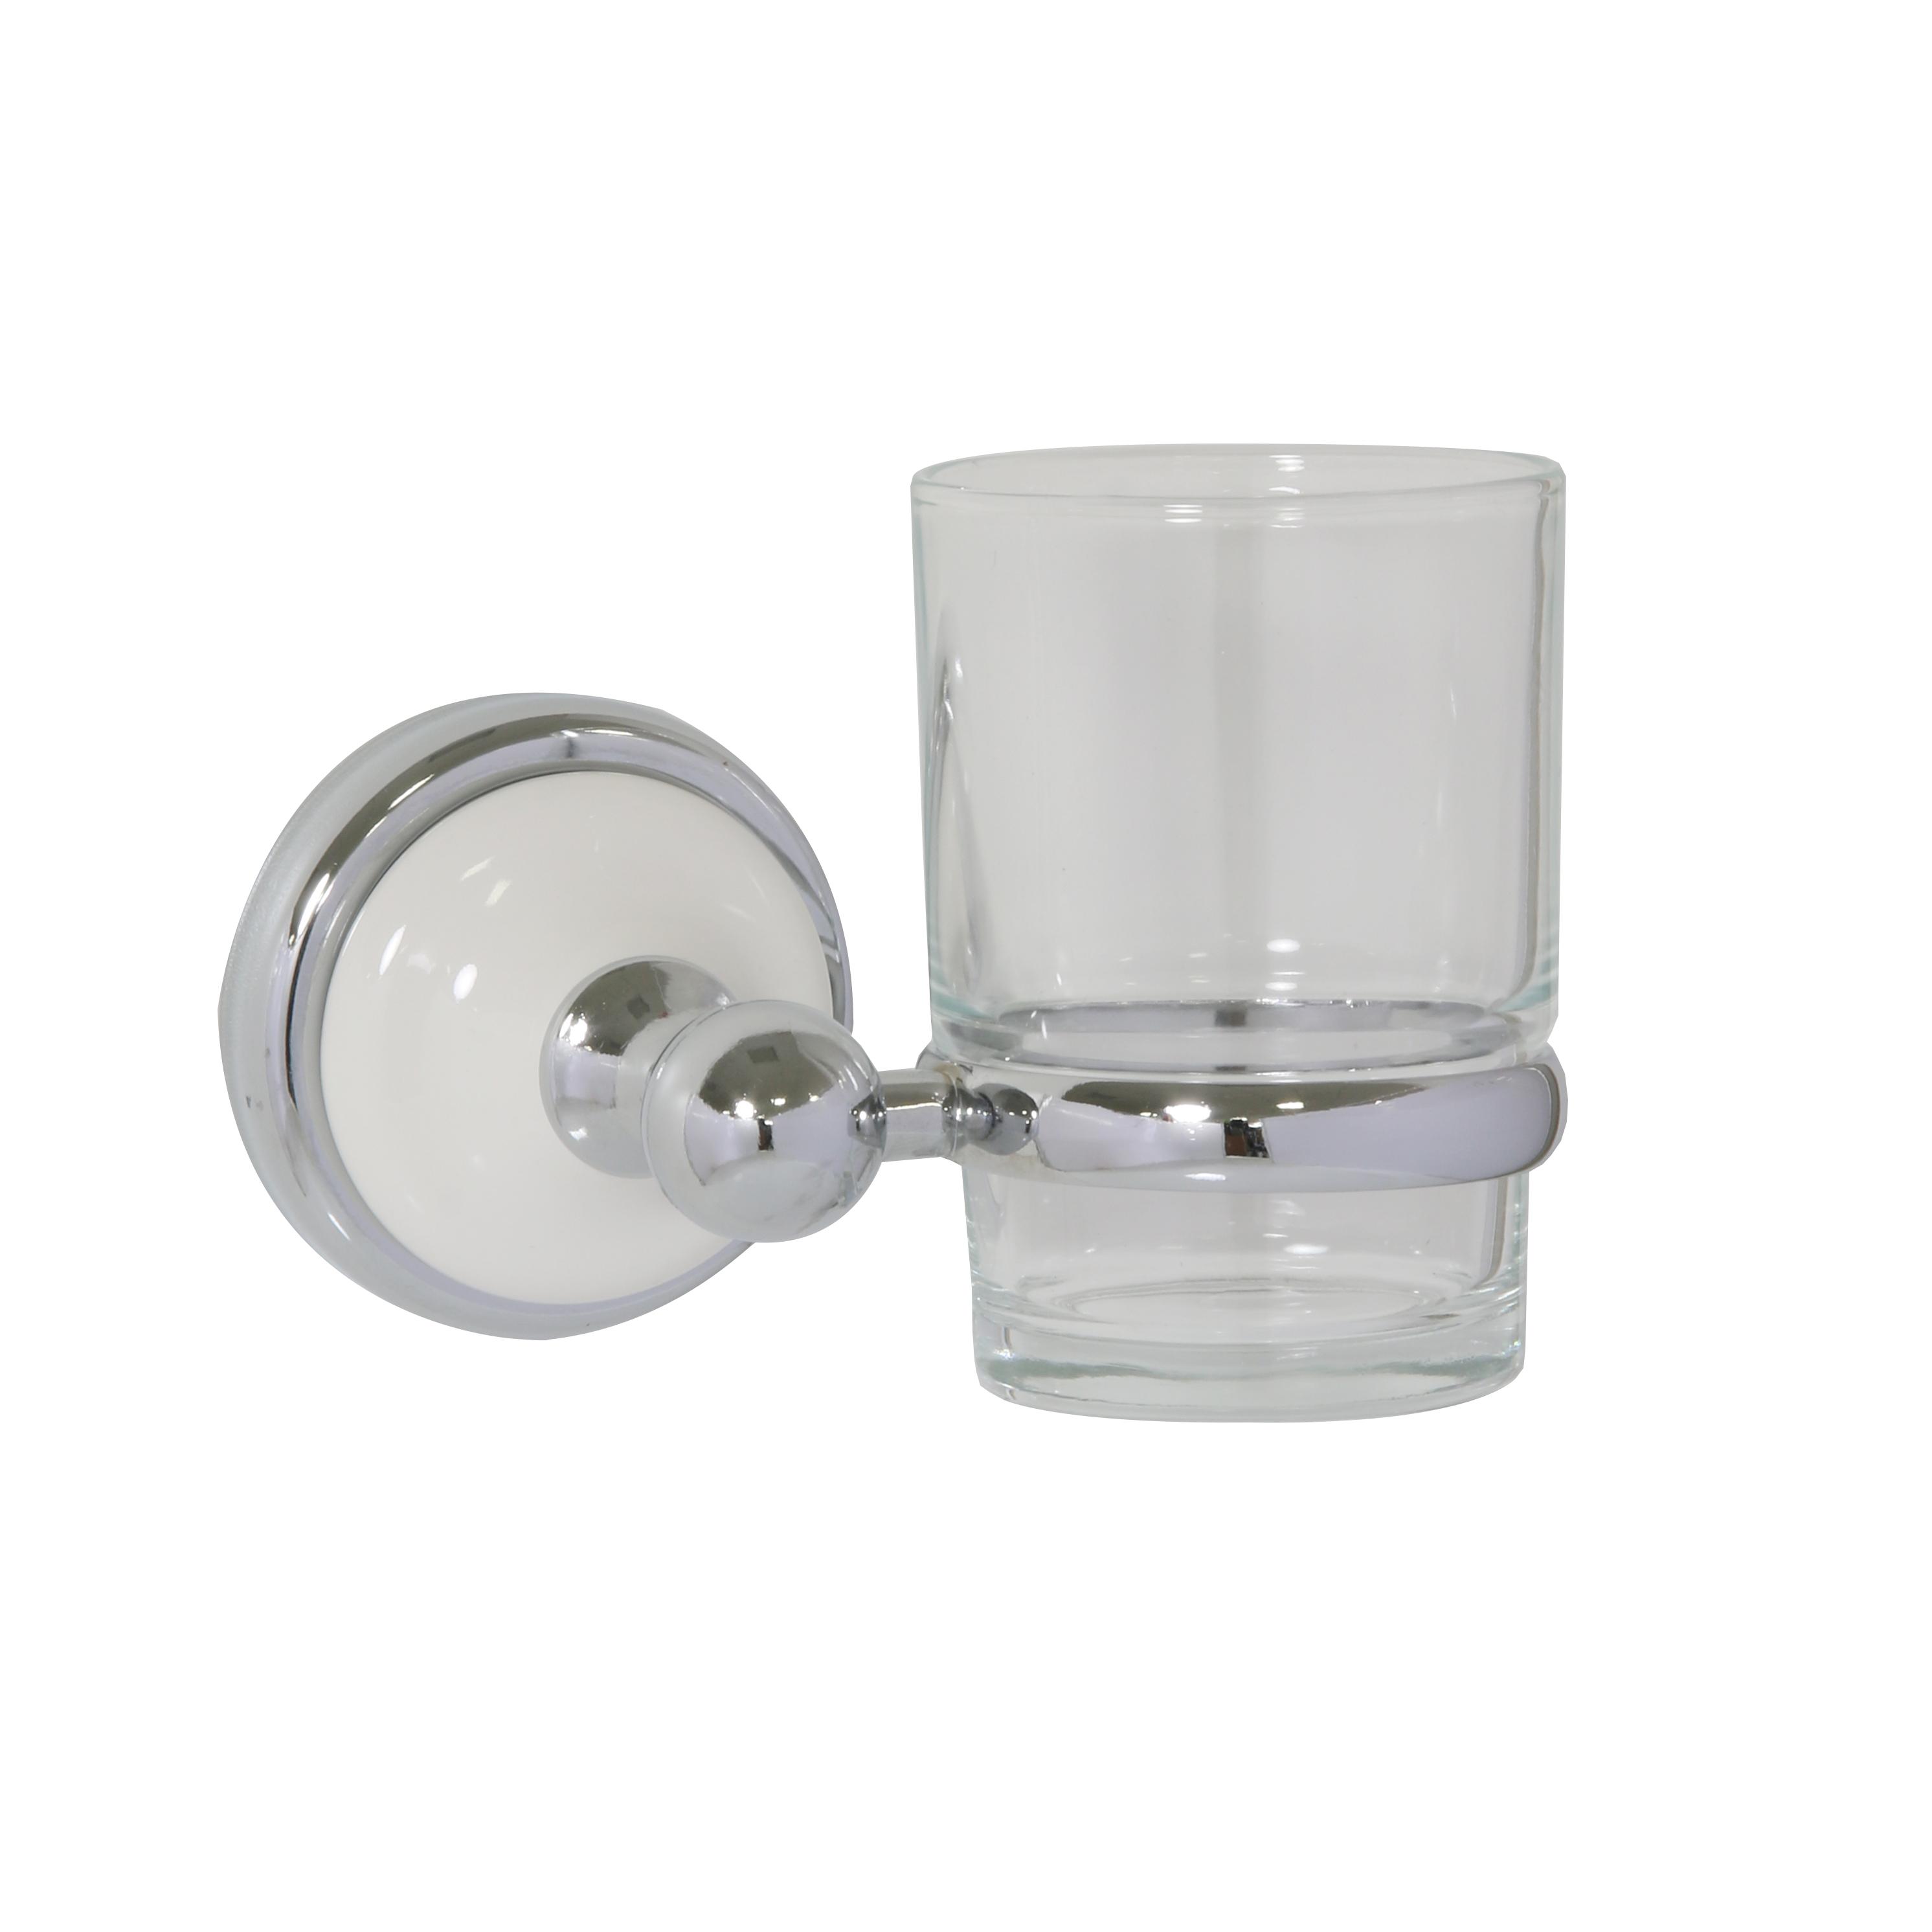 Стакан для зубных щеток Axentia Lyon Premium106-029Стакан для зубных щеток Axentia Lyon Premium выполнен из нержавеющей стали покрытой цинком с колпачком из белой керамики. Крепится на шурупах (в комплекте). Изделие превосходно дополнит интерьер ванной комнаты.